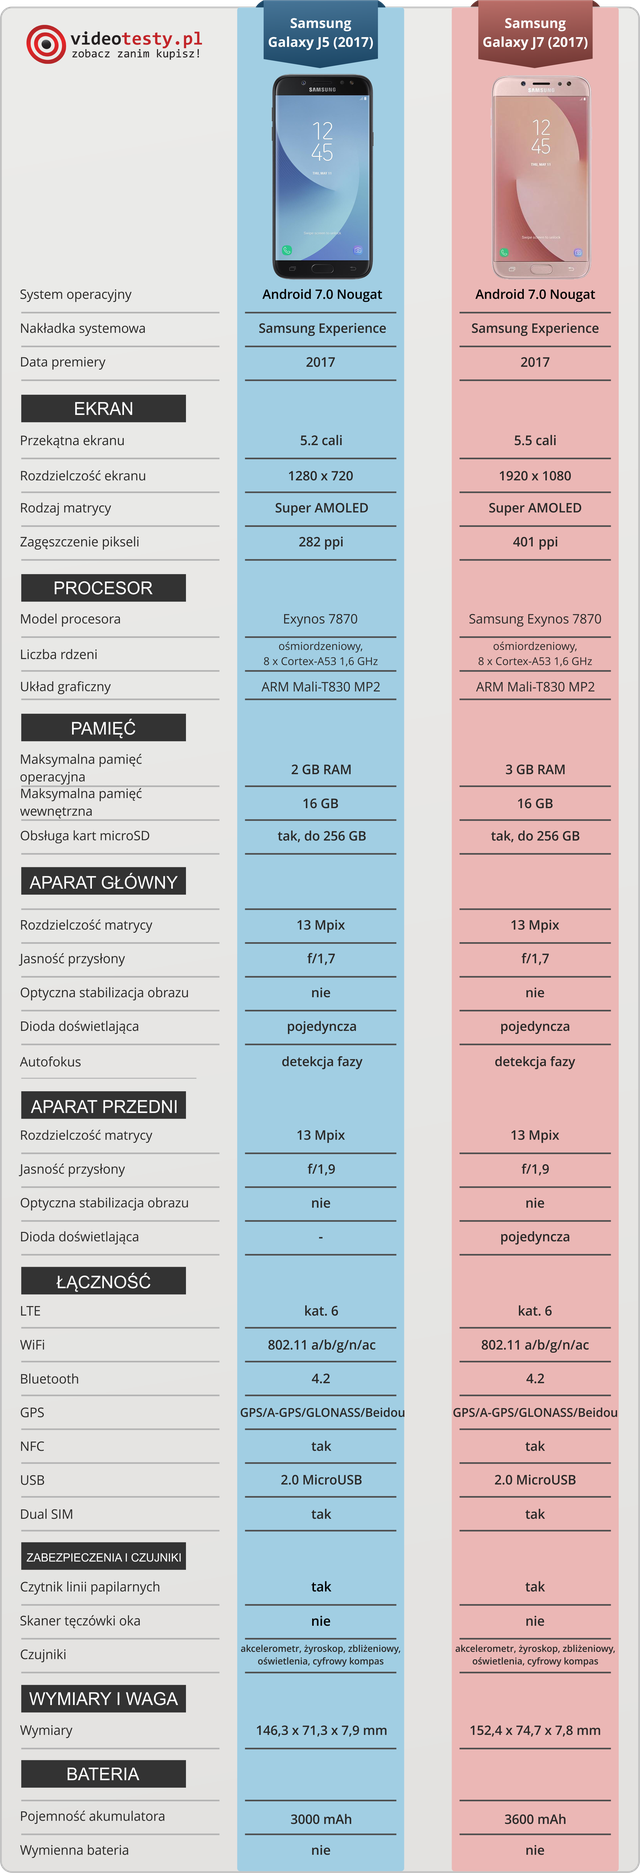 Samsung Galaxy J7 vs Samsung Galaxy J5